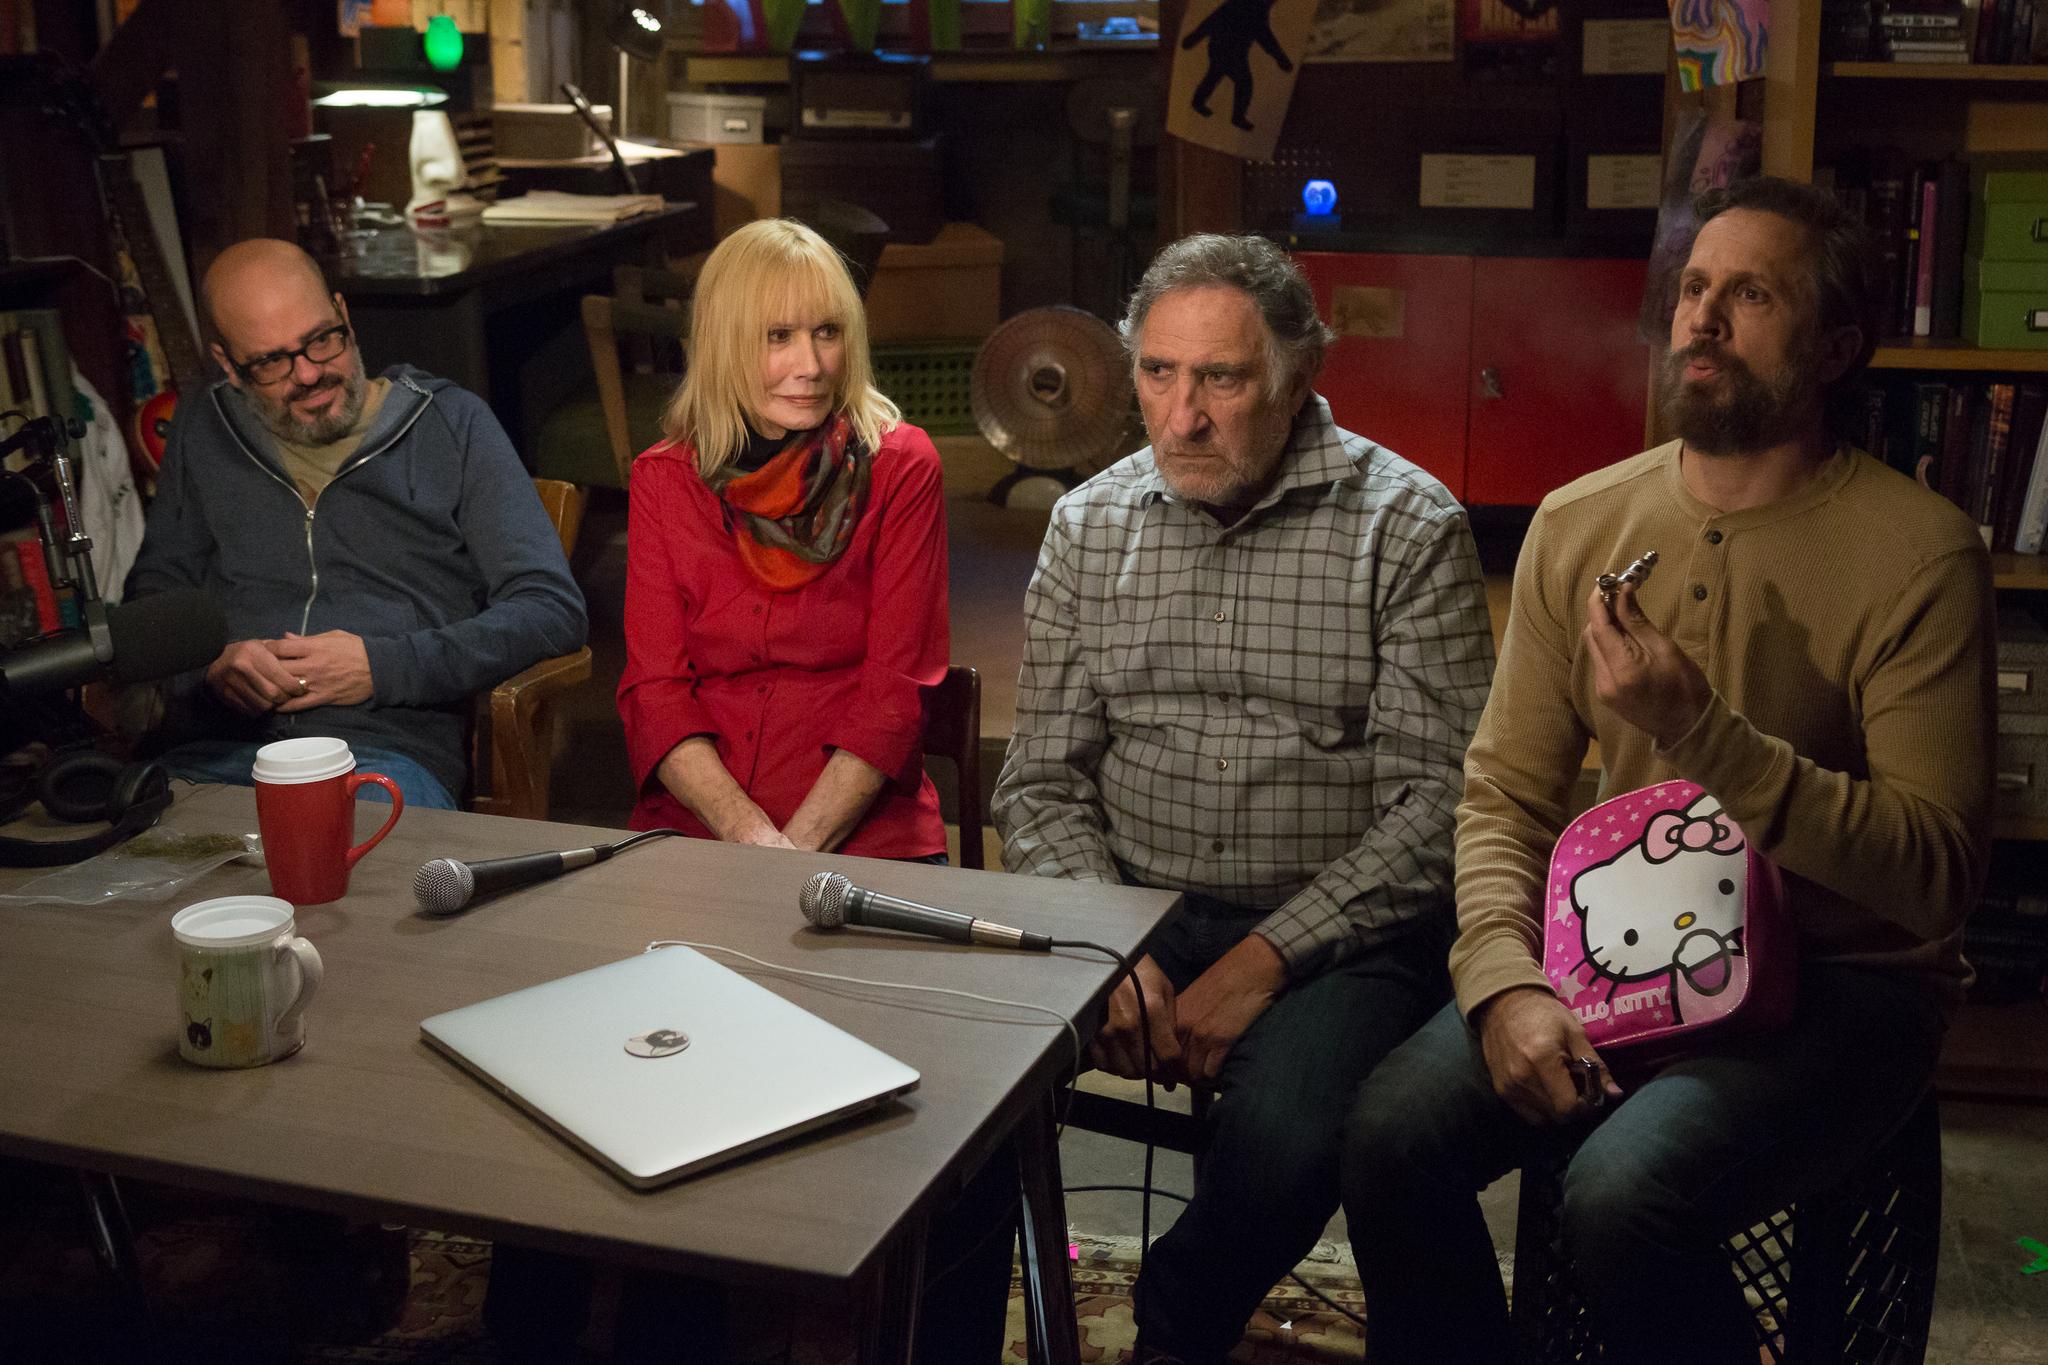 Still of Sally Kellerman, Judd Hirsch, David Cross and Troy Ruptash in Maron (2013)